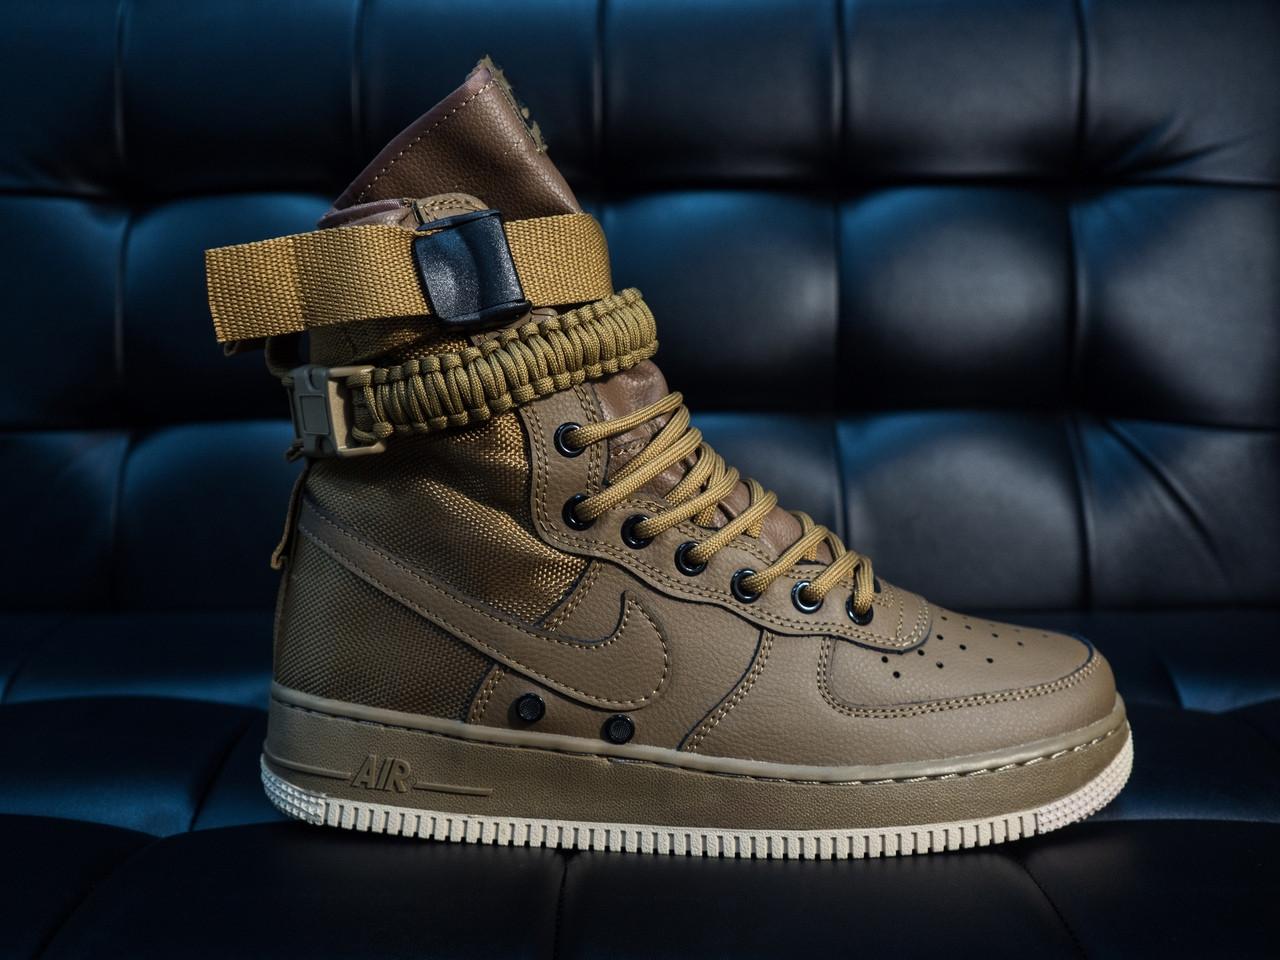 Кроссовки мужские Nike Special Fild коричневые топ реплика -  Интернет-магазин обуви и одежды KedON 0f052dcee26